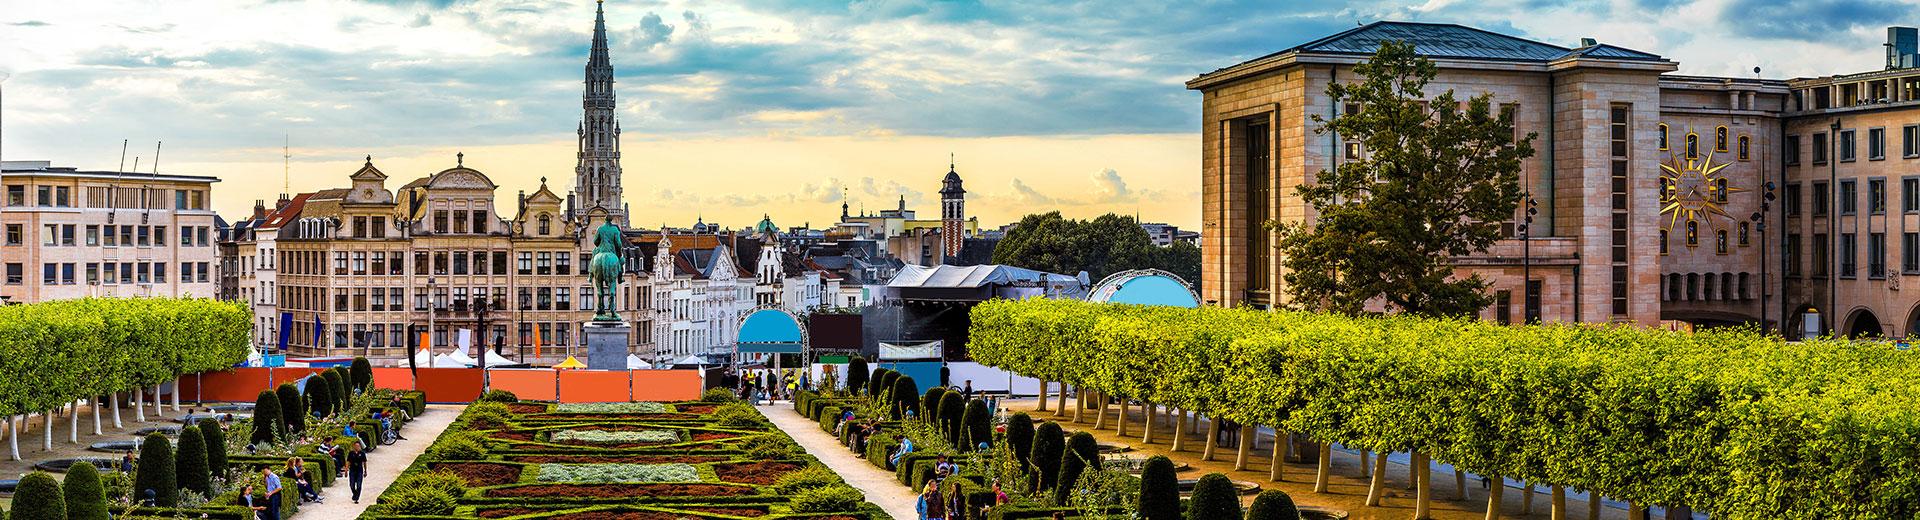 Städtereise Brüssel